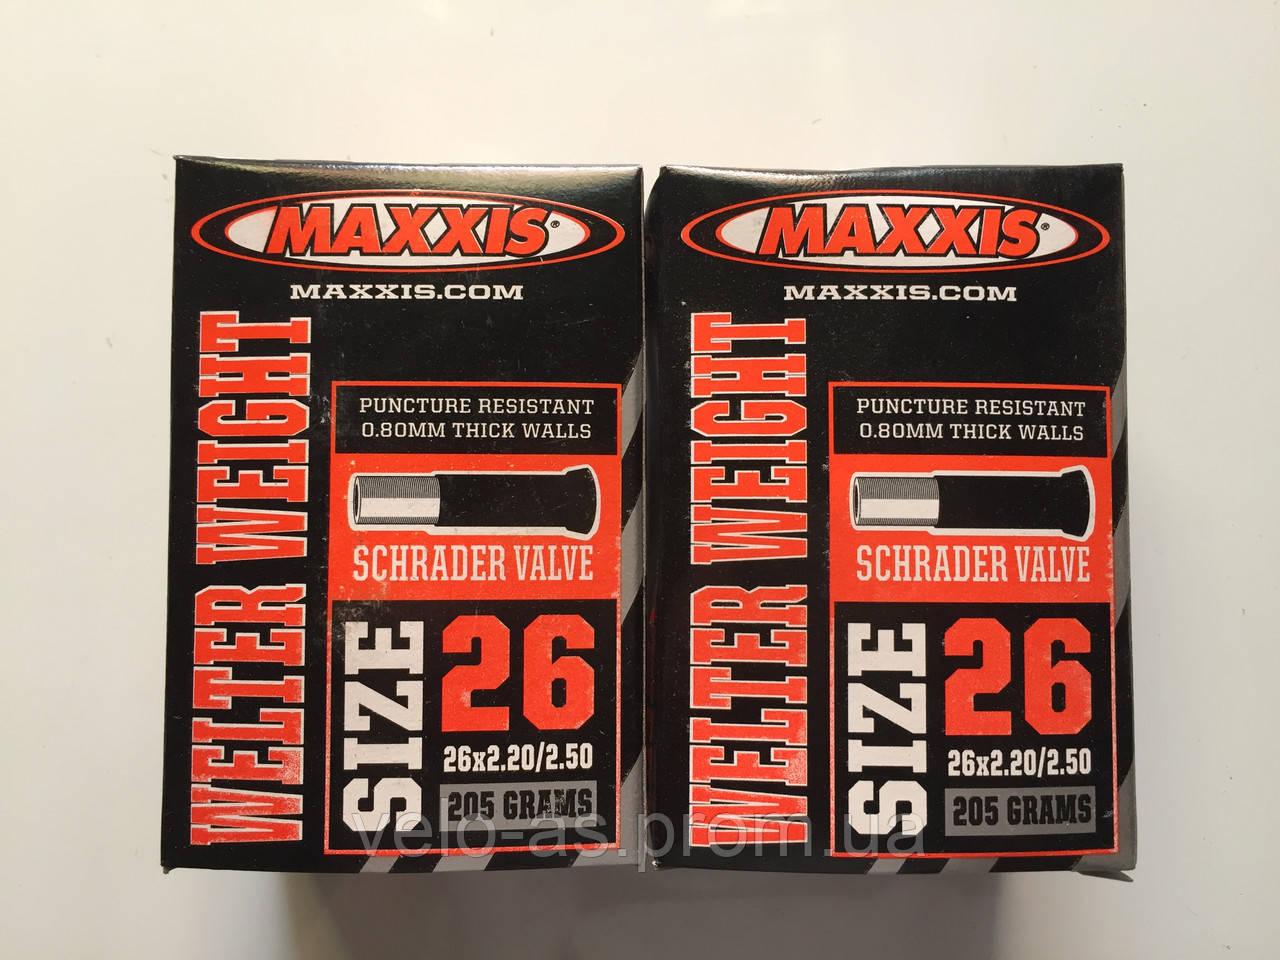 Камера Maxxis 26x2.20/2.50 A/V  оригинал 205 gr